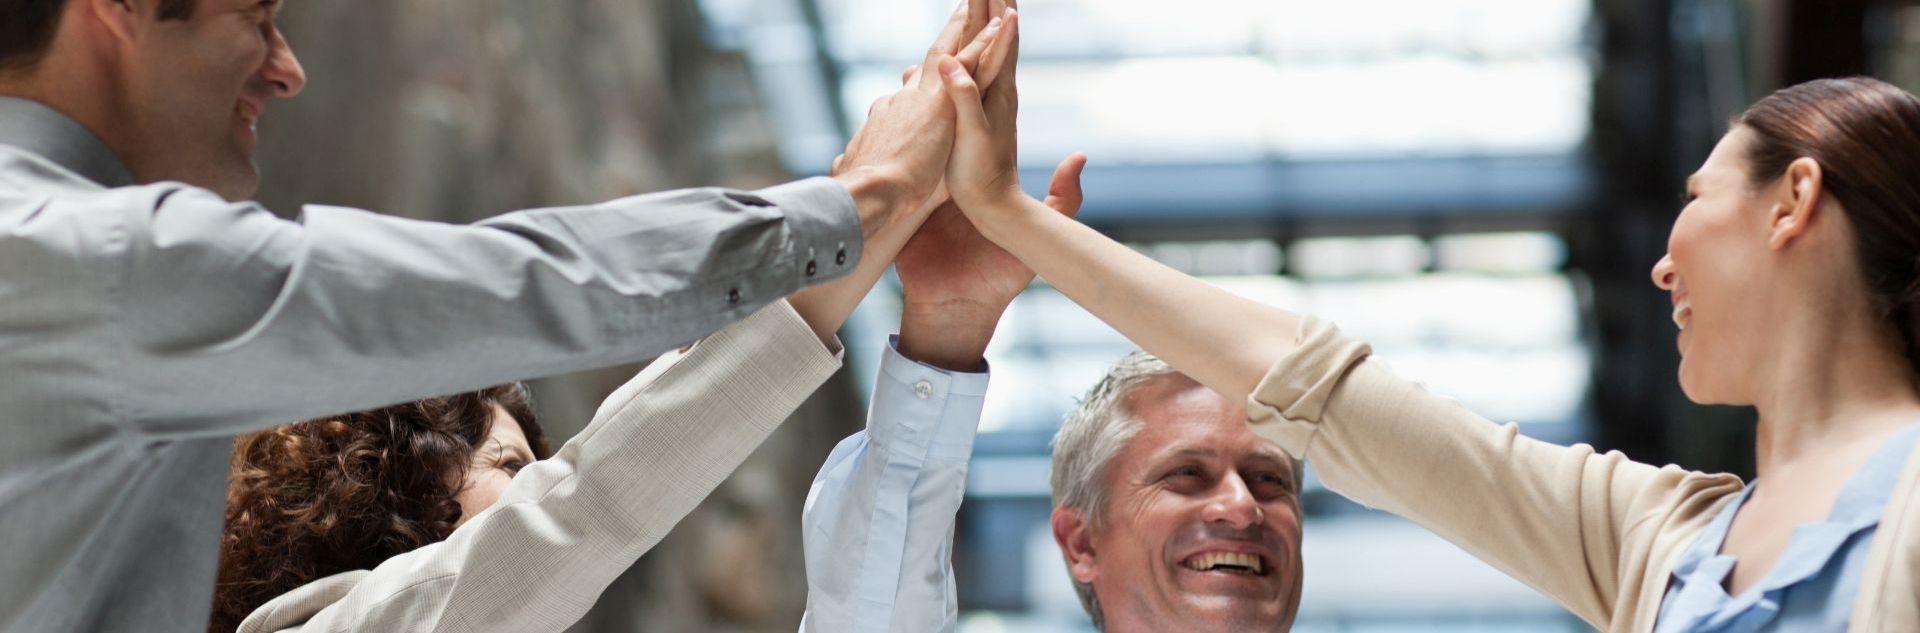 Verlässliche Partner Erfolgreiches Team reicht sich die Hände